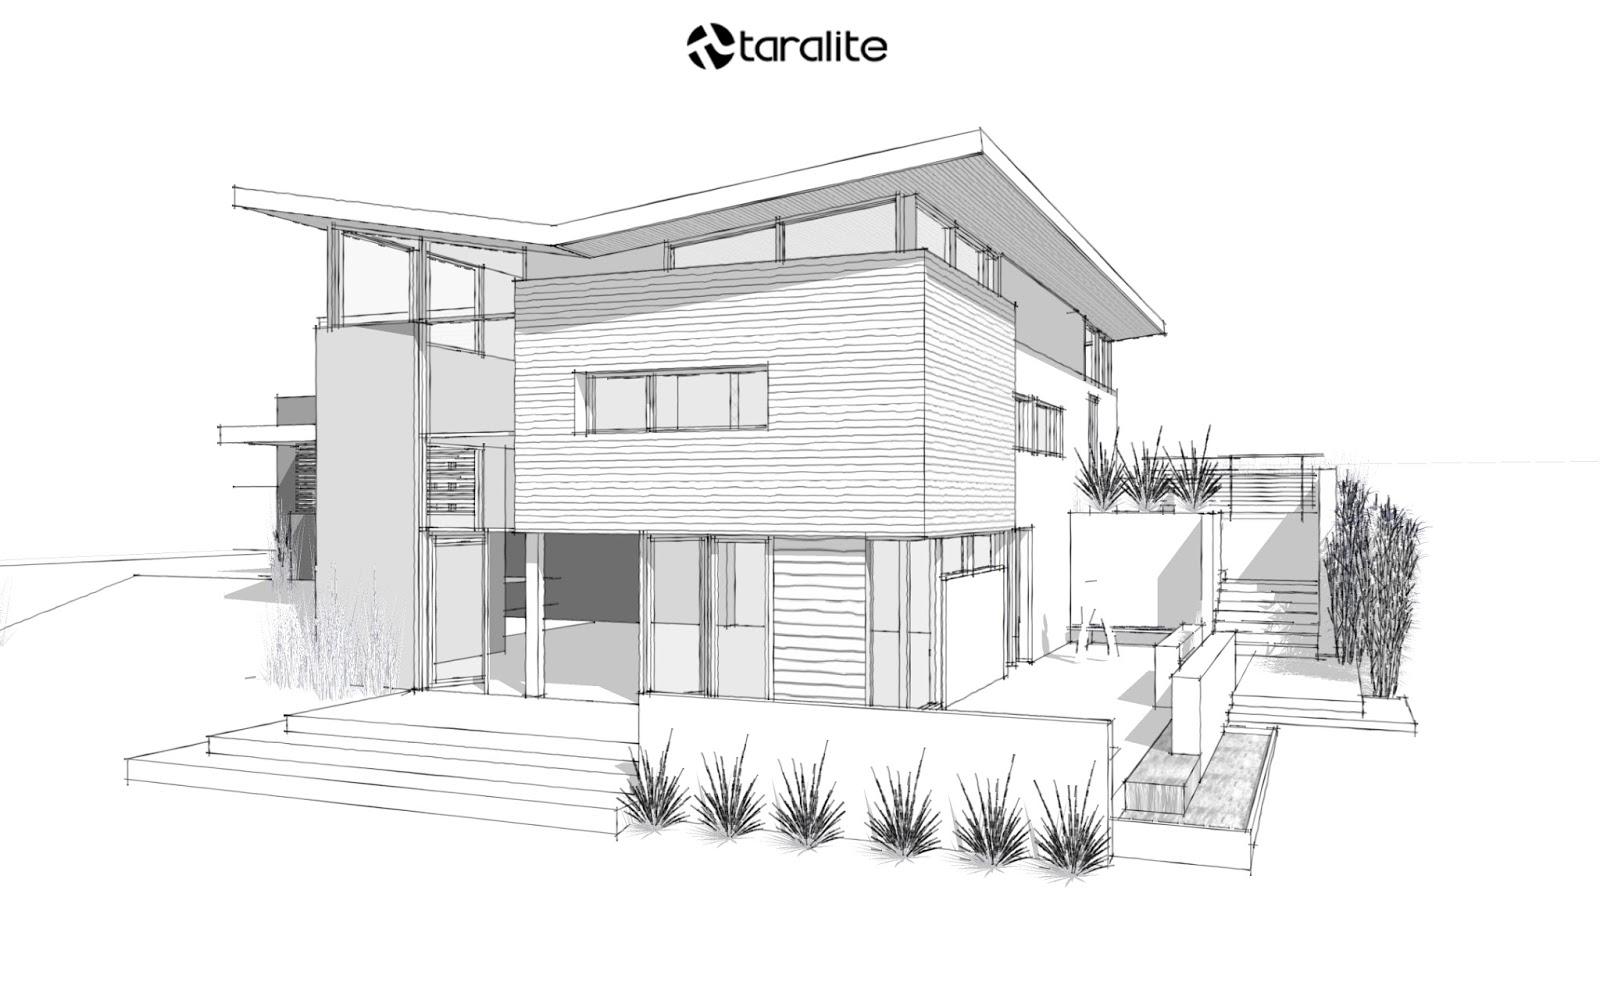 Image Number Of Gambar Sketsa Desain Eksterior Rumah